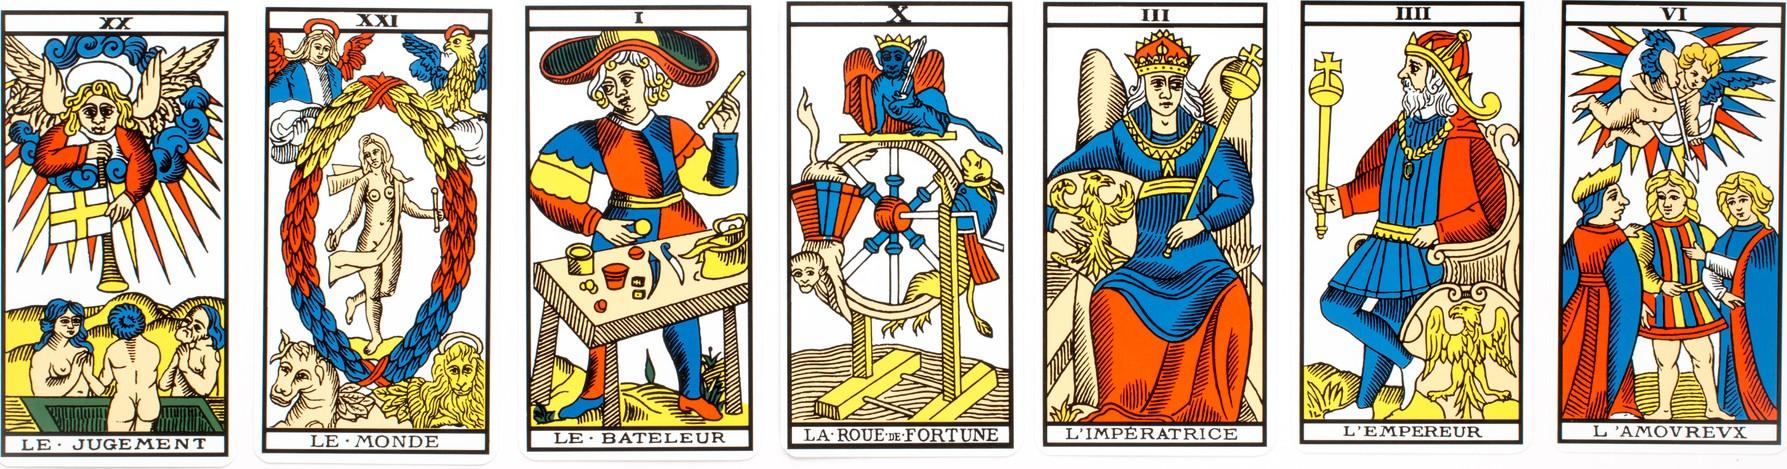 bateleur roue de fortune imperatrice